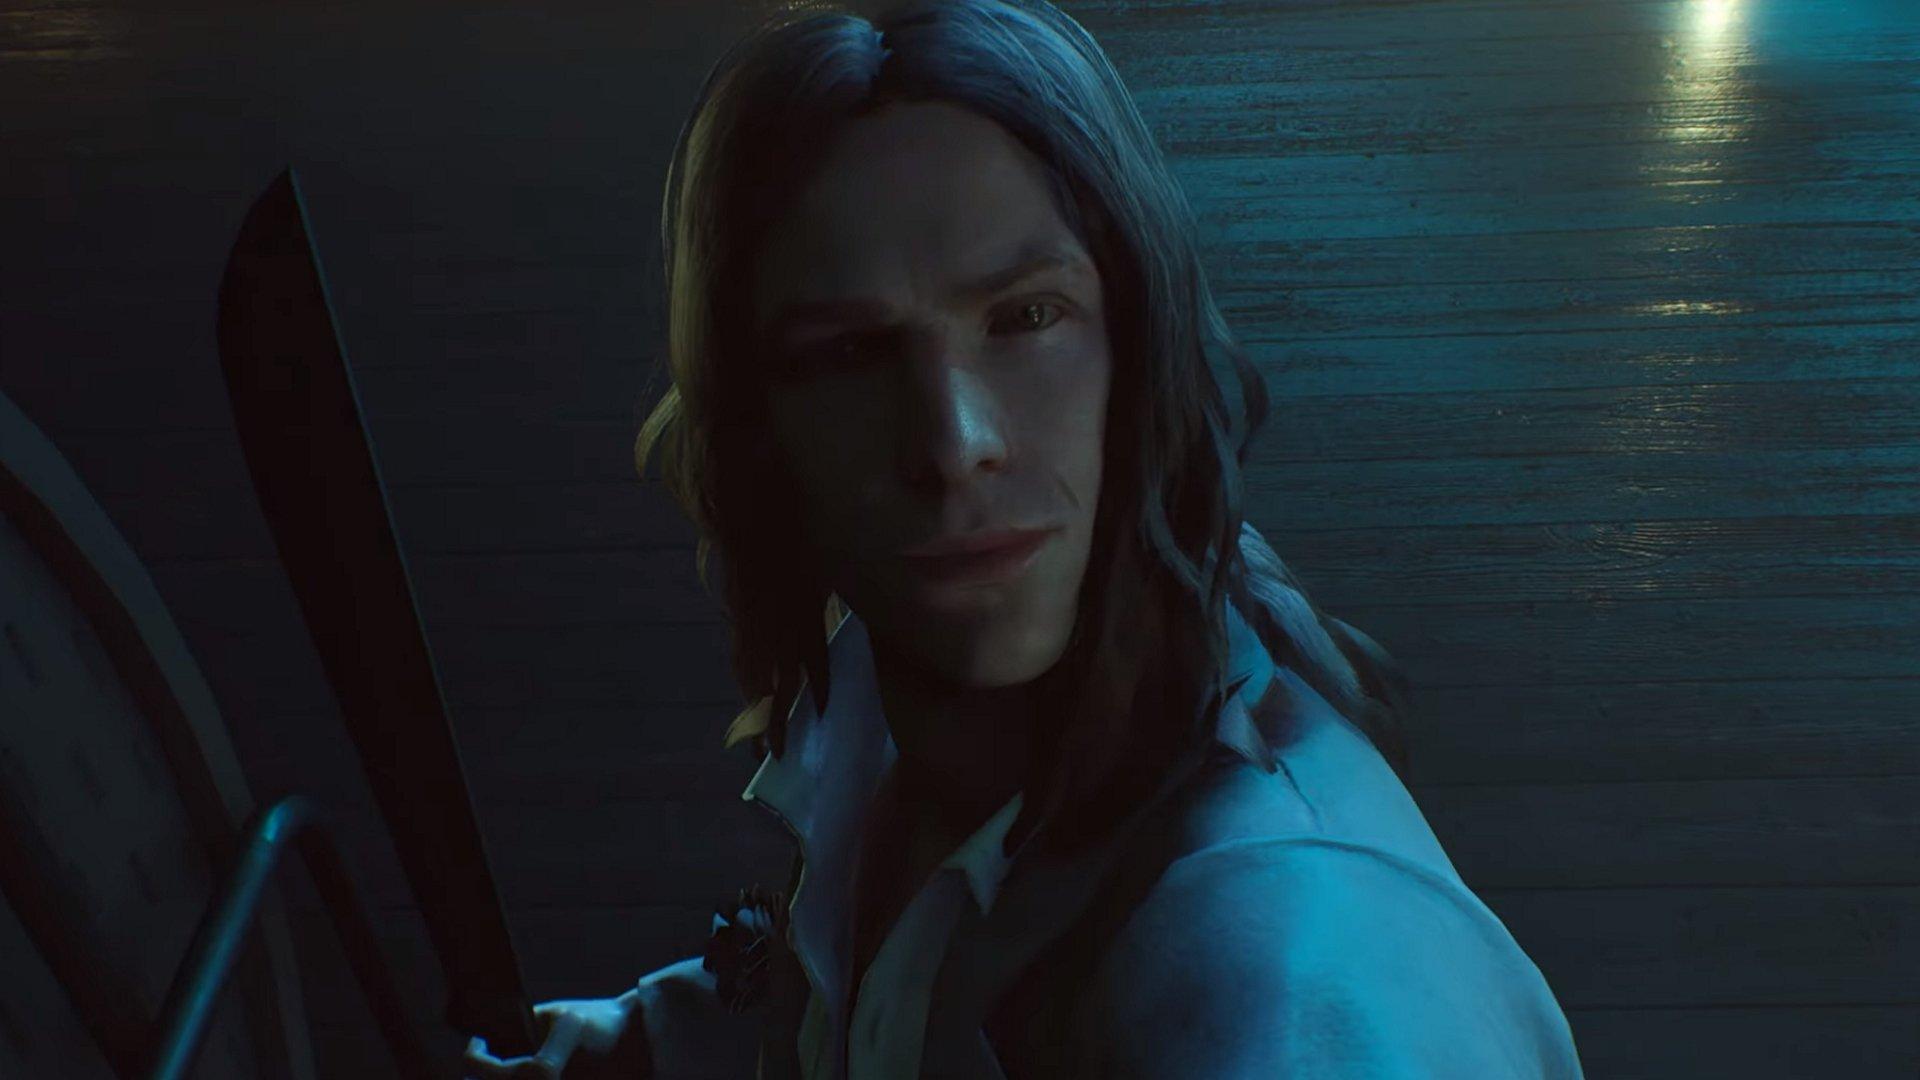 Vampire : La bande-annonce de Masquerade Bloodlines 2 dévoilée à l'E3 2019